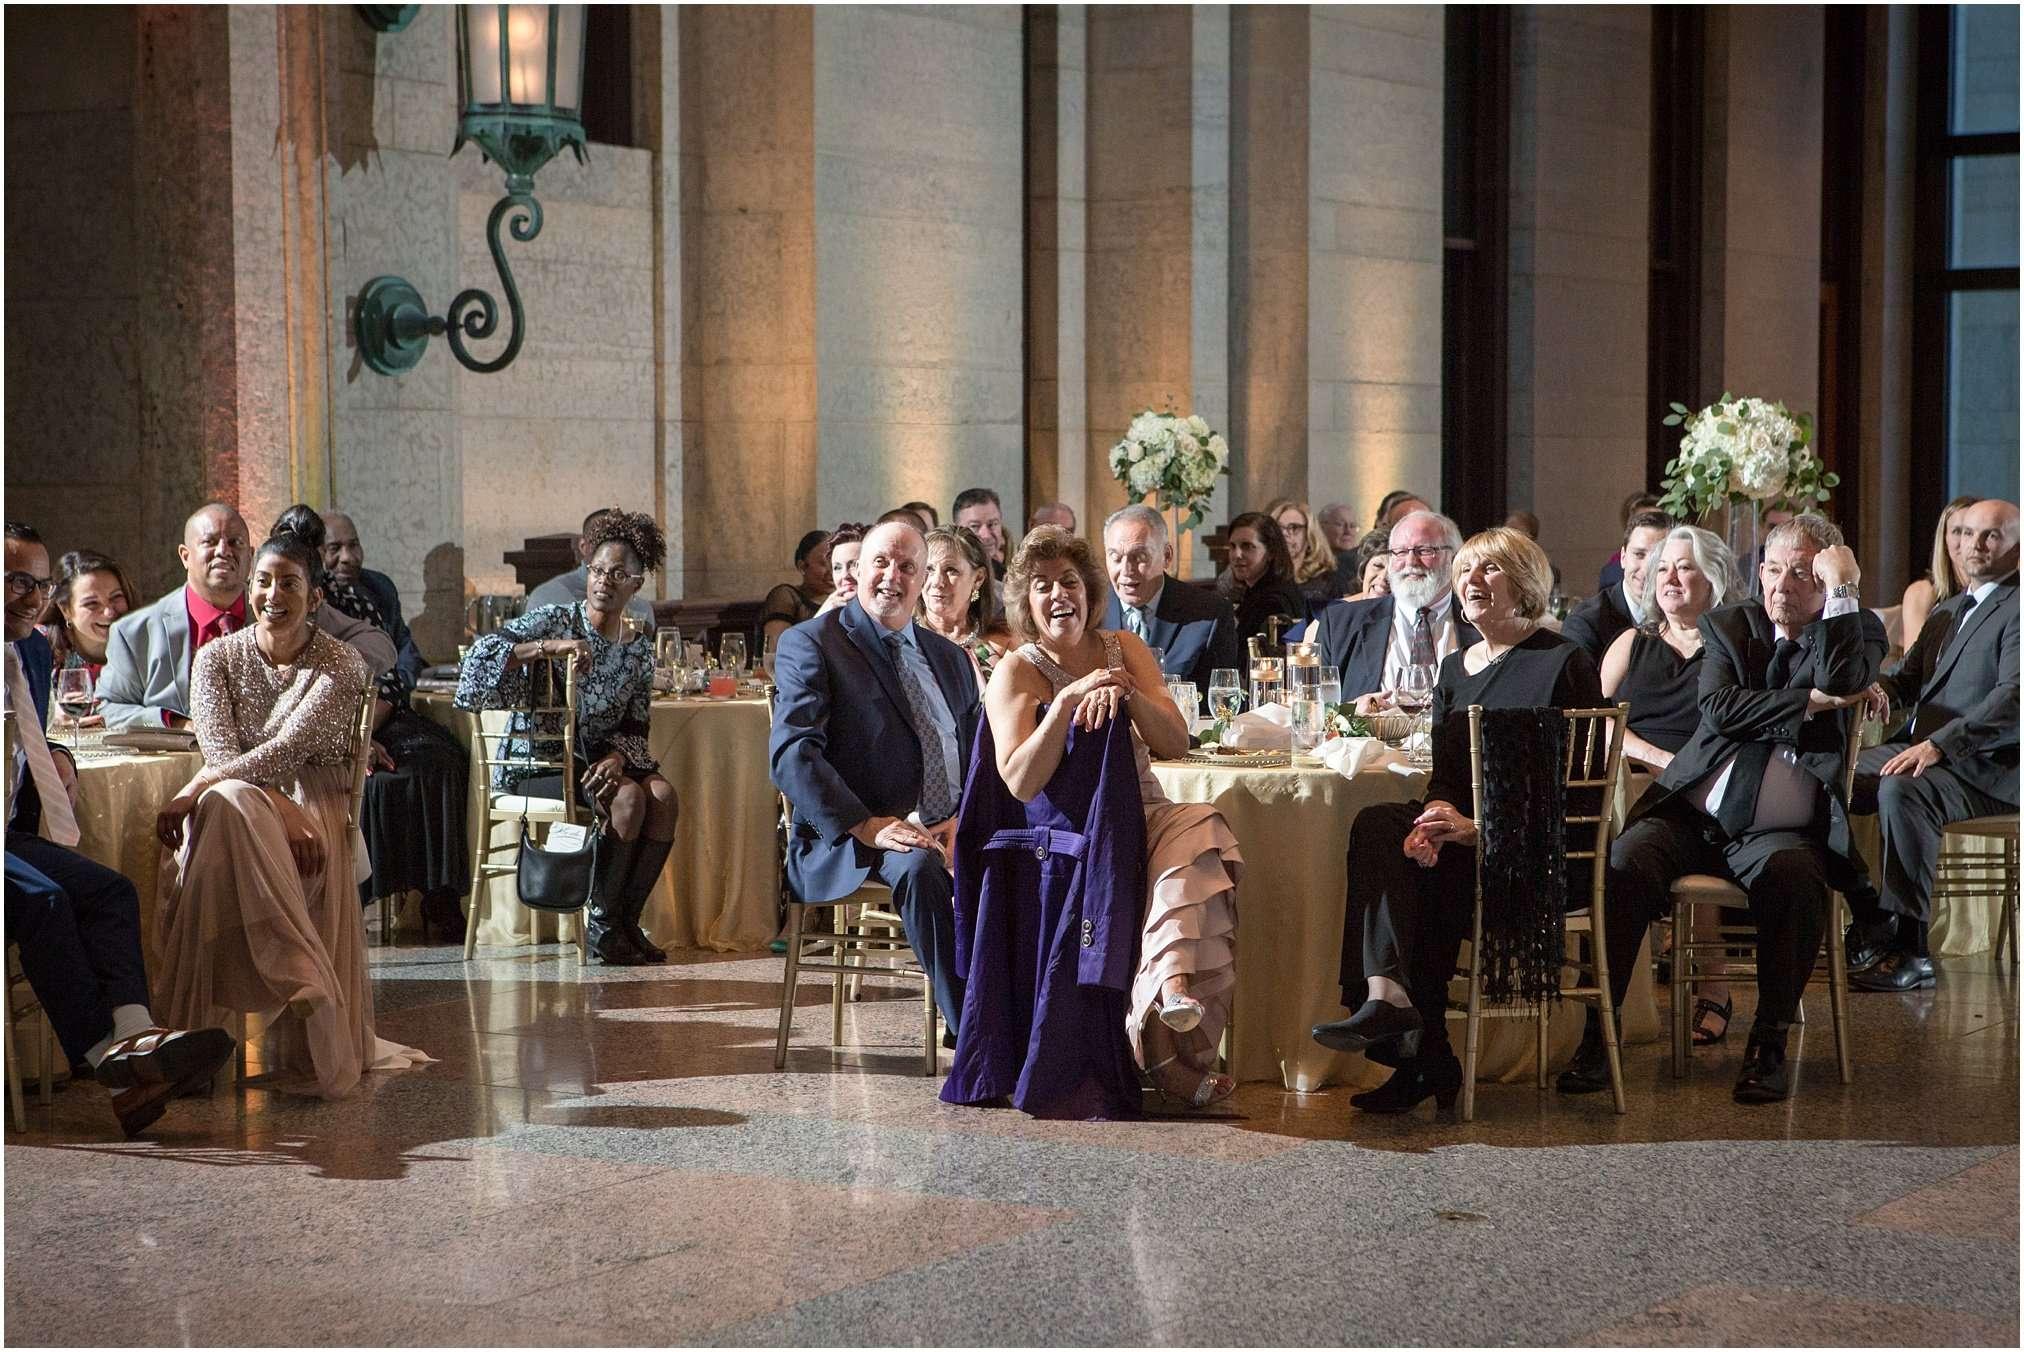 Spring Wedding at the Ohio Statehouse | Columbus Ohio Photography 198